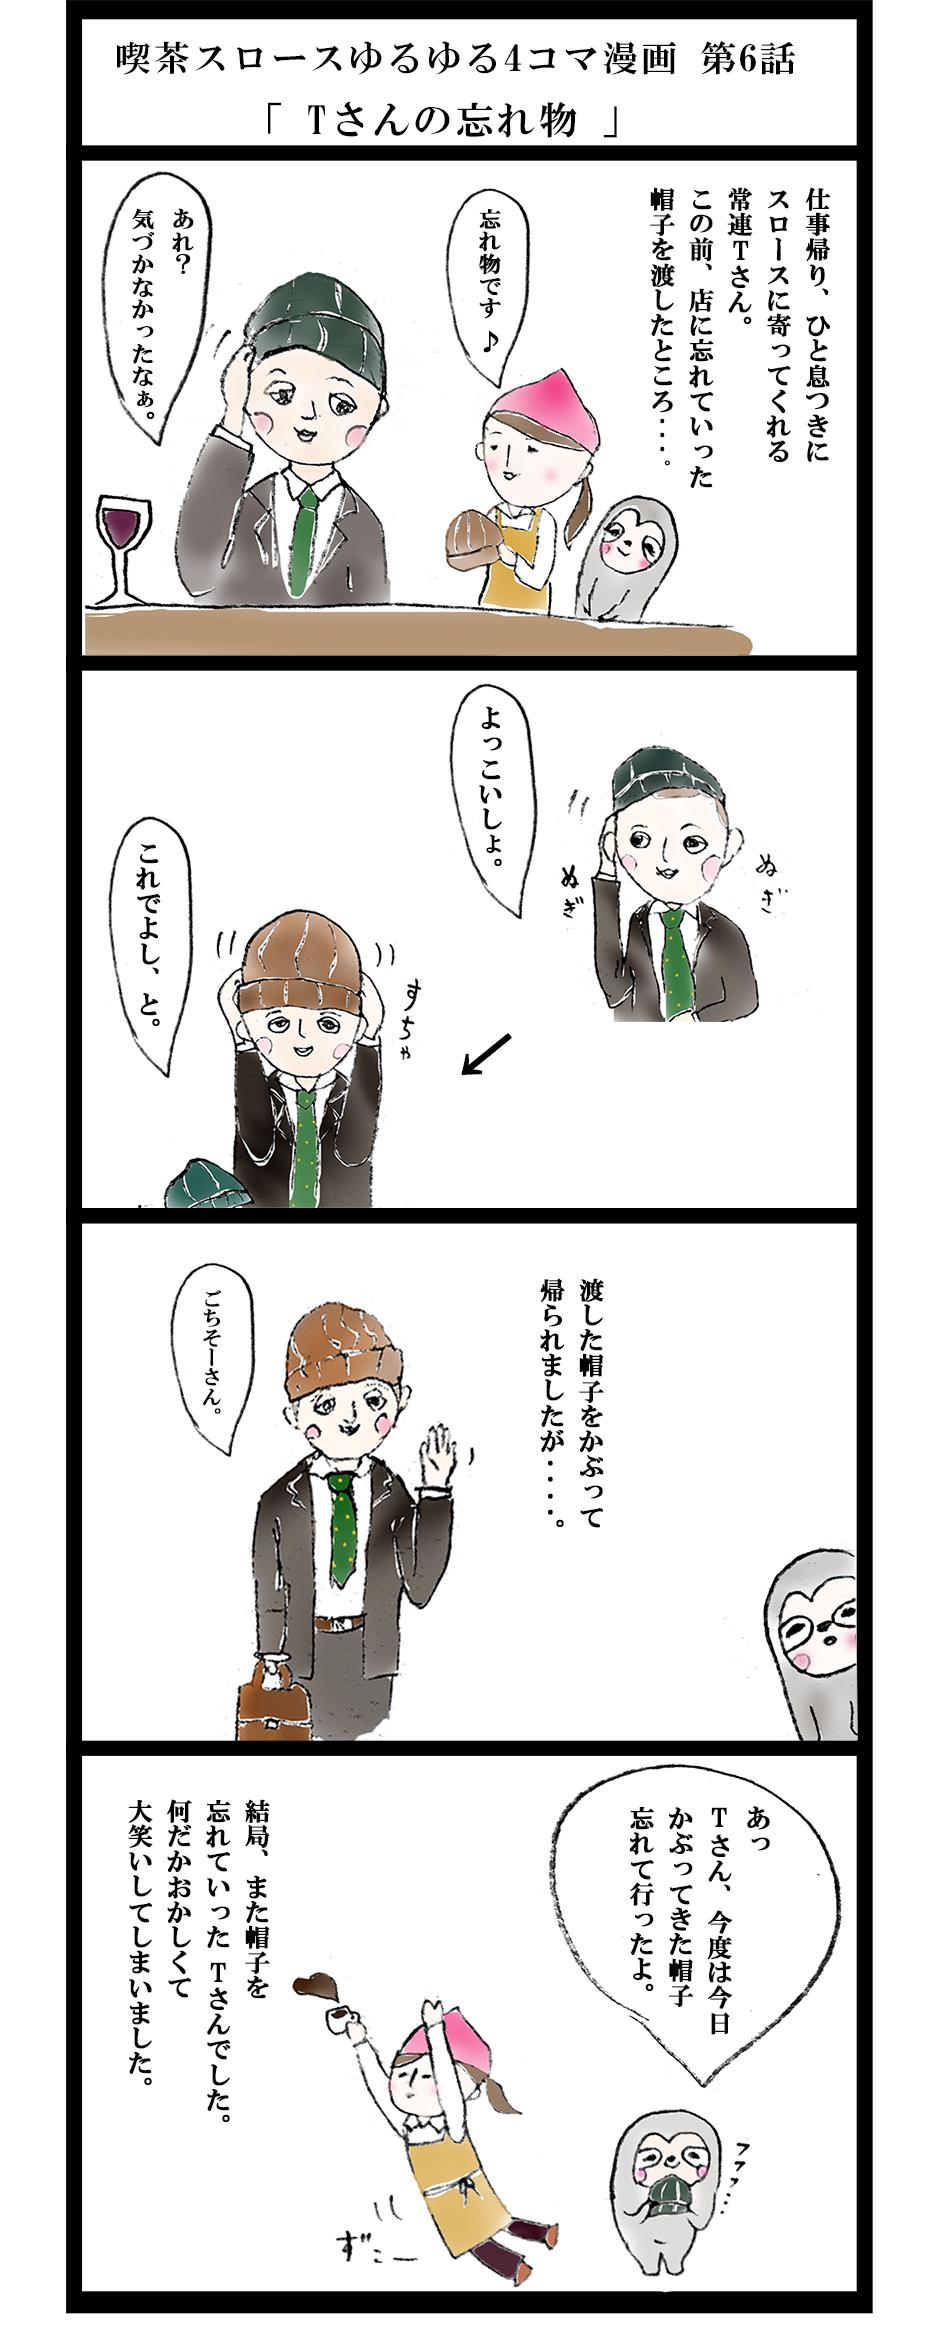 喫茶スロース4コマ漫画第6話